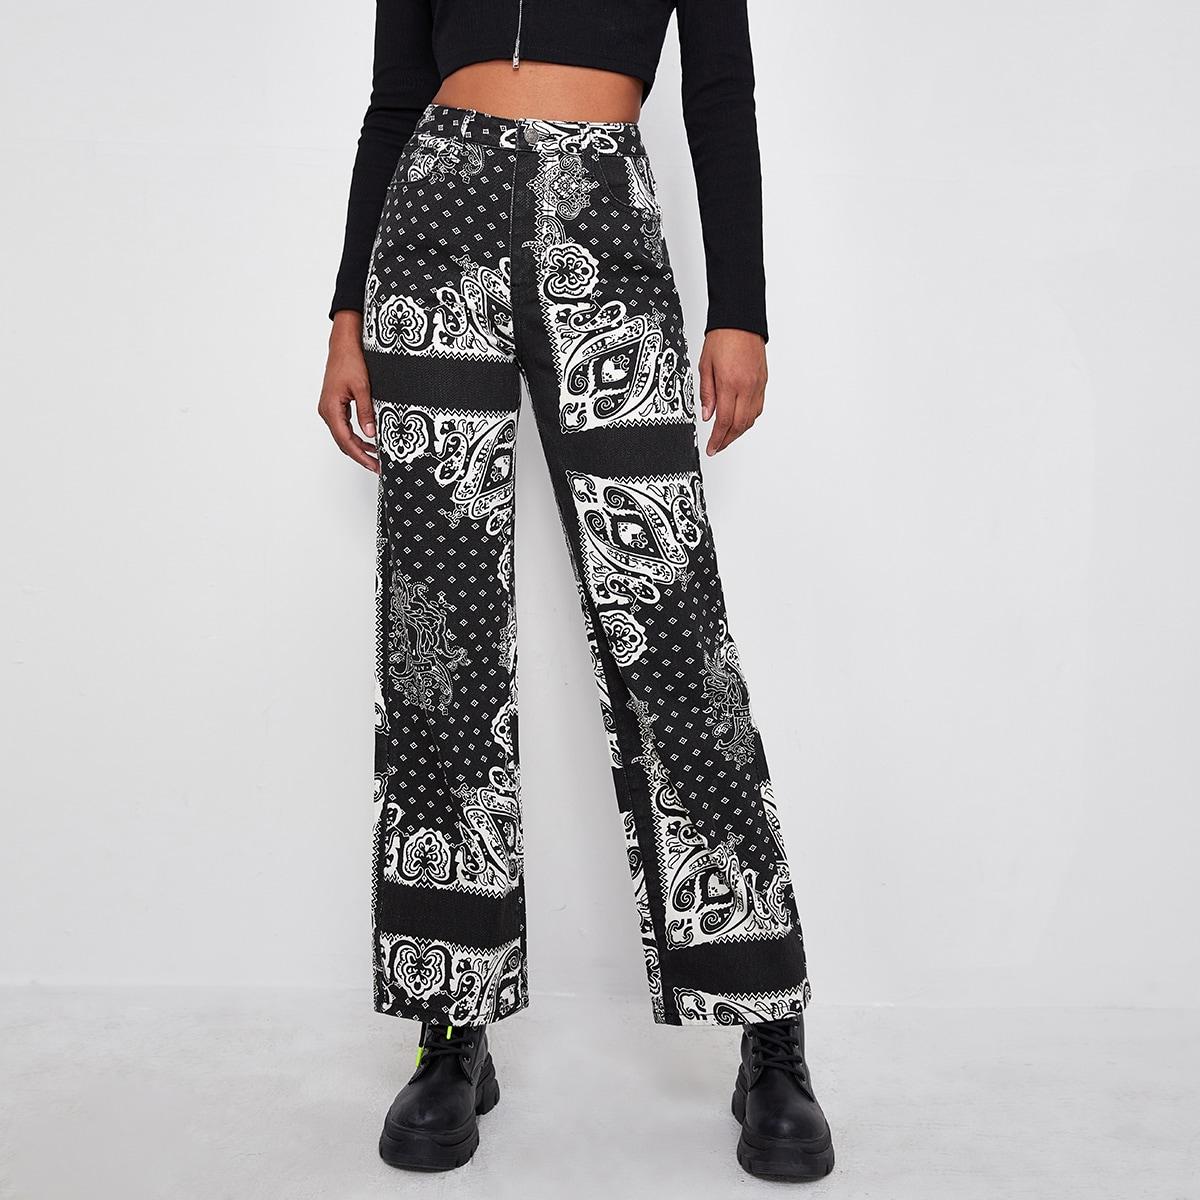 Прямые джинсы с узором и высокой талией